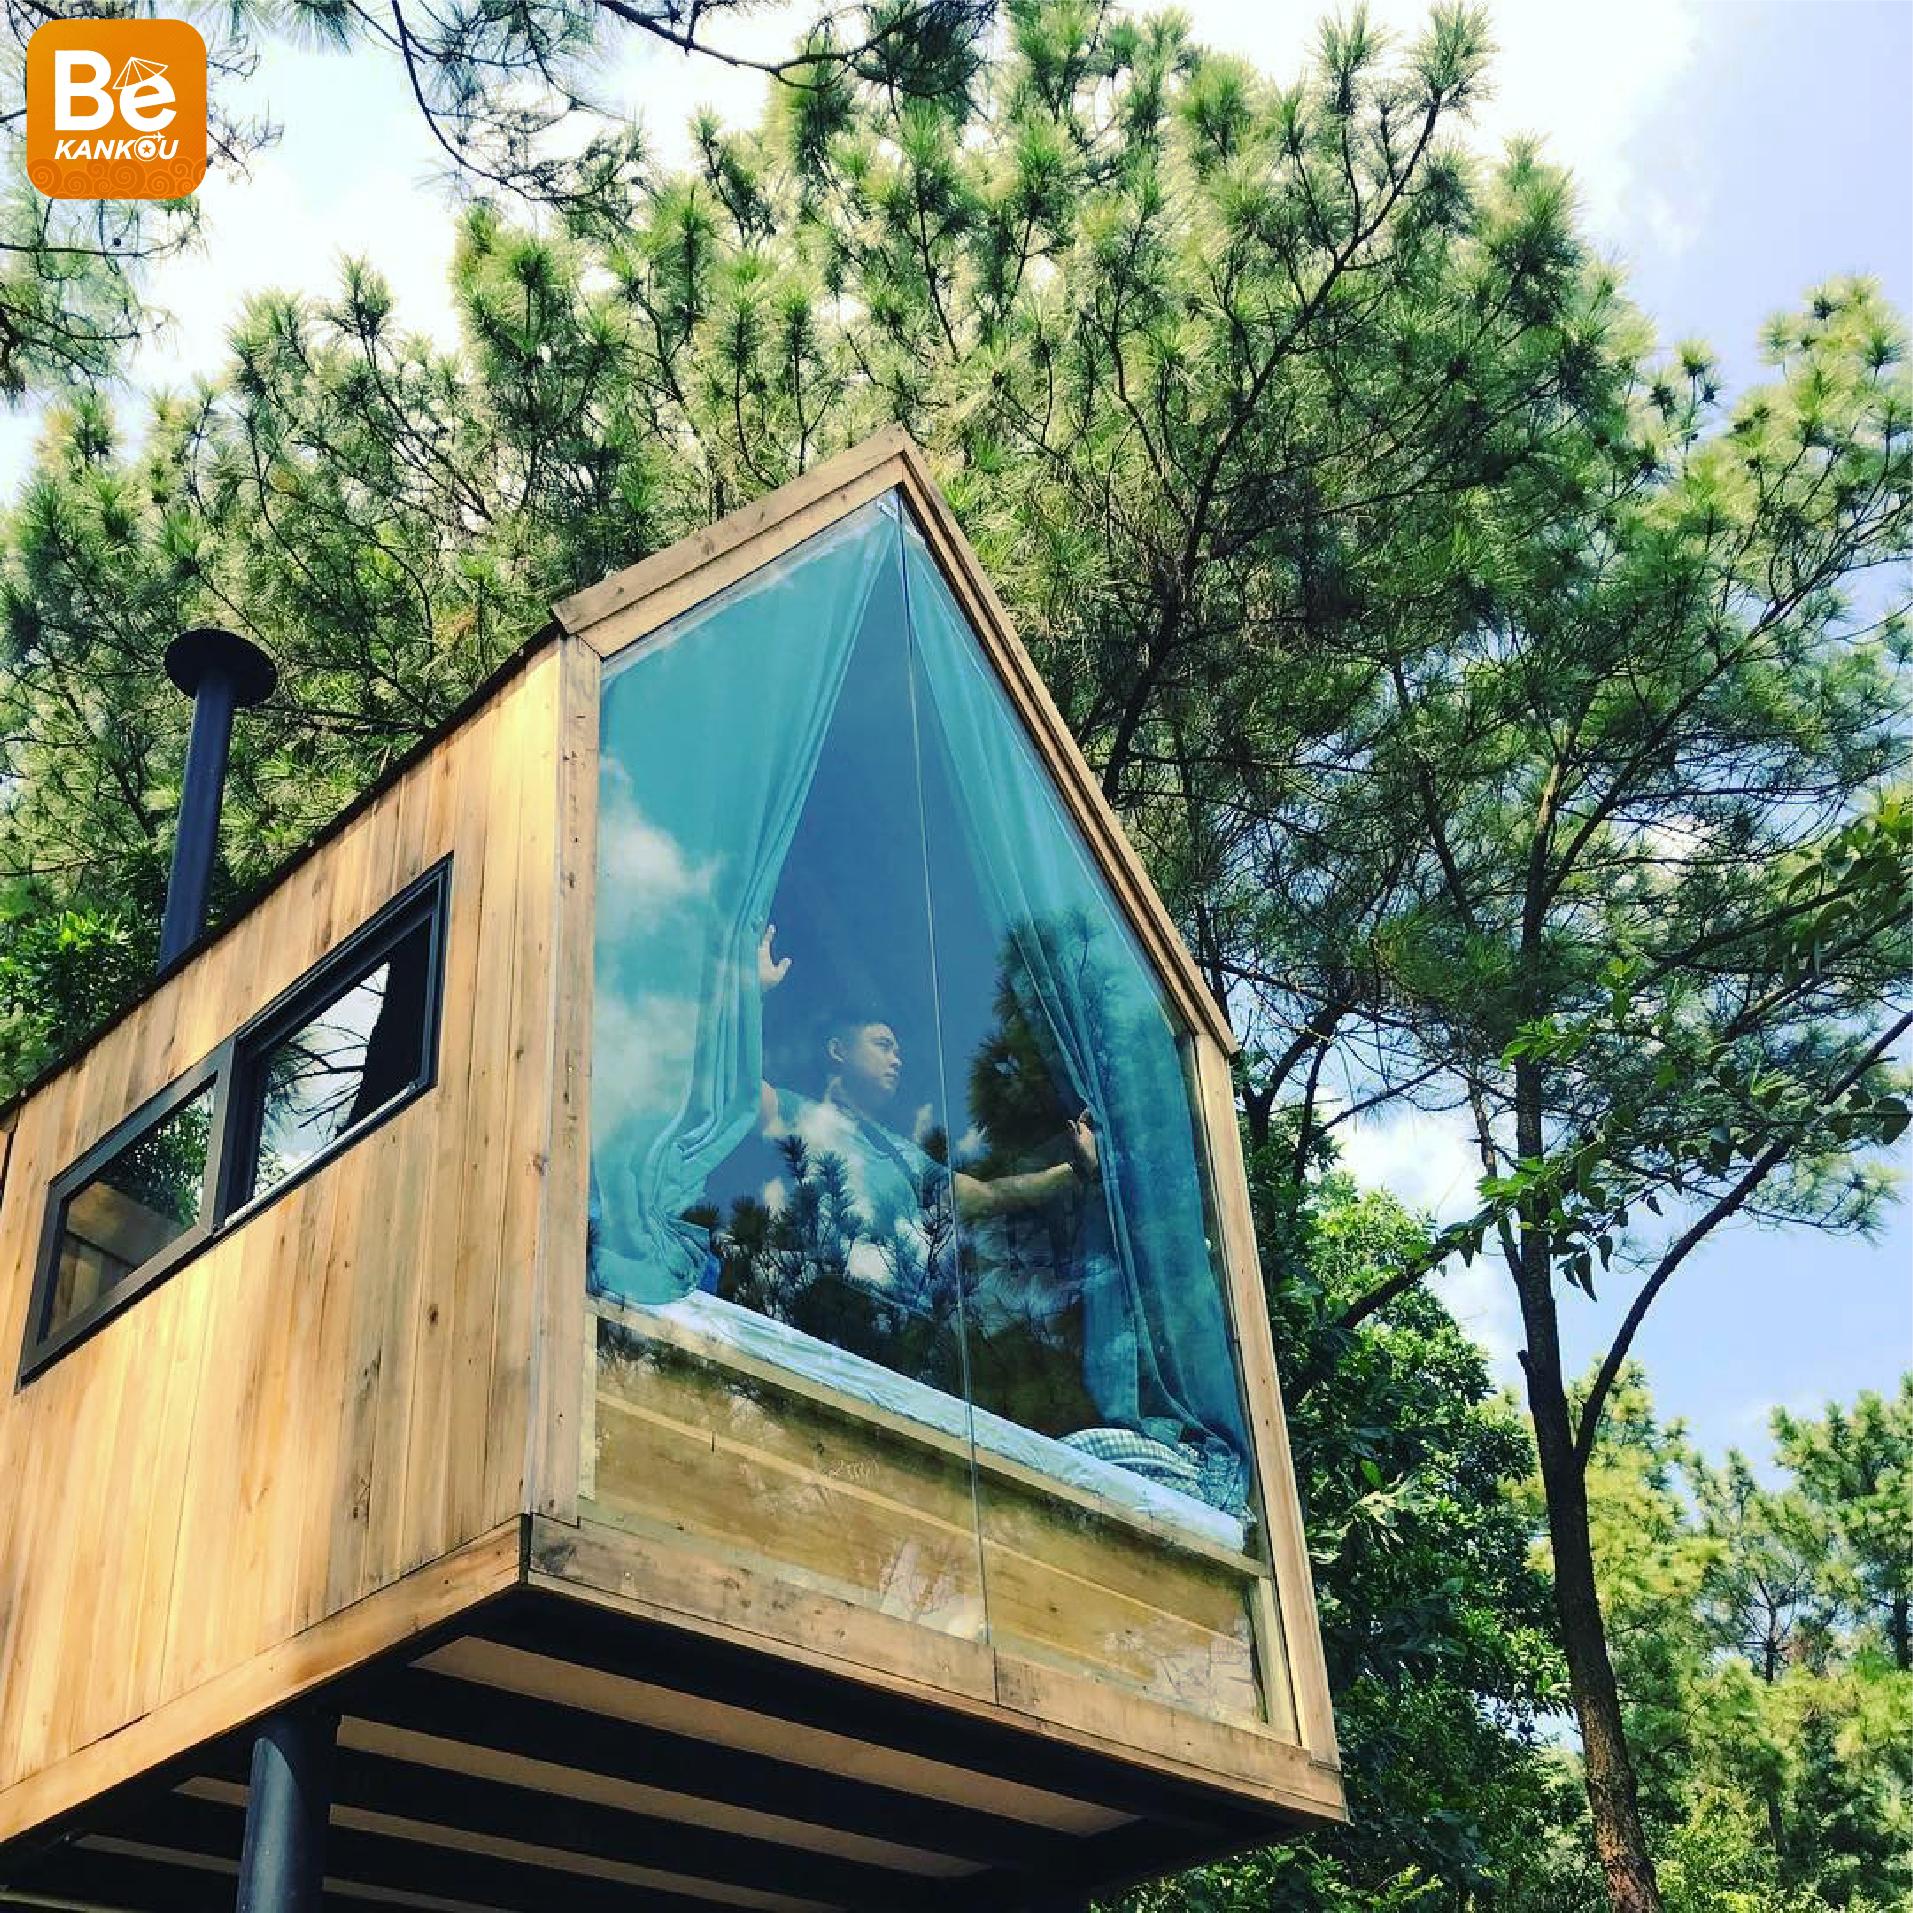 ベトナム、ウレサ・フォレストハウスで手つかずの自然を体験-12